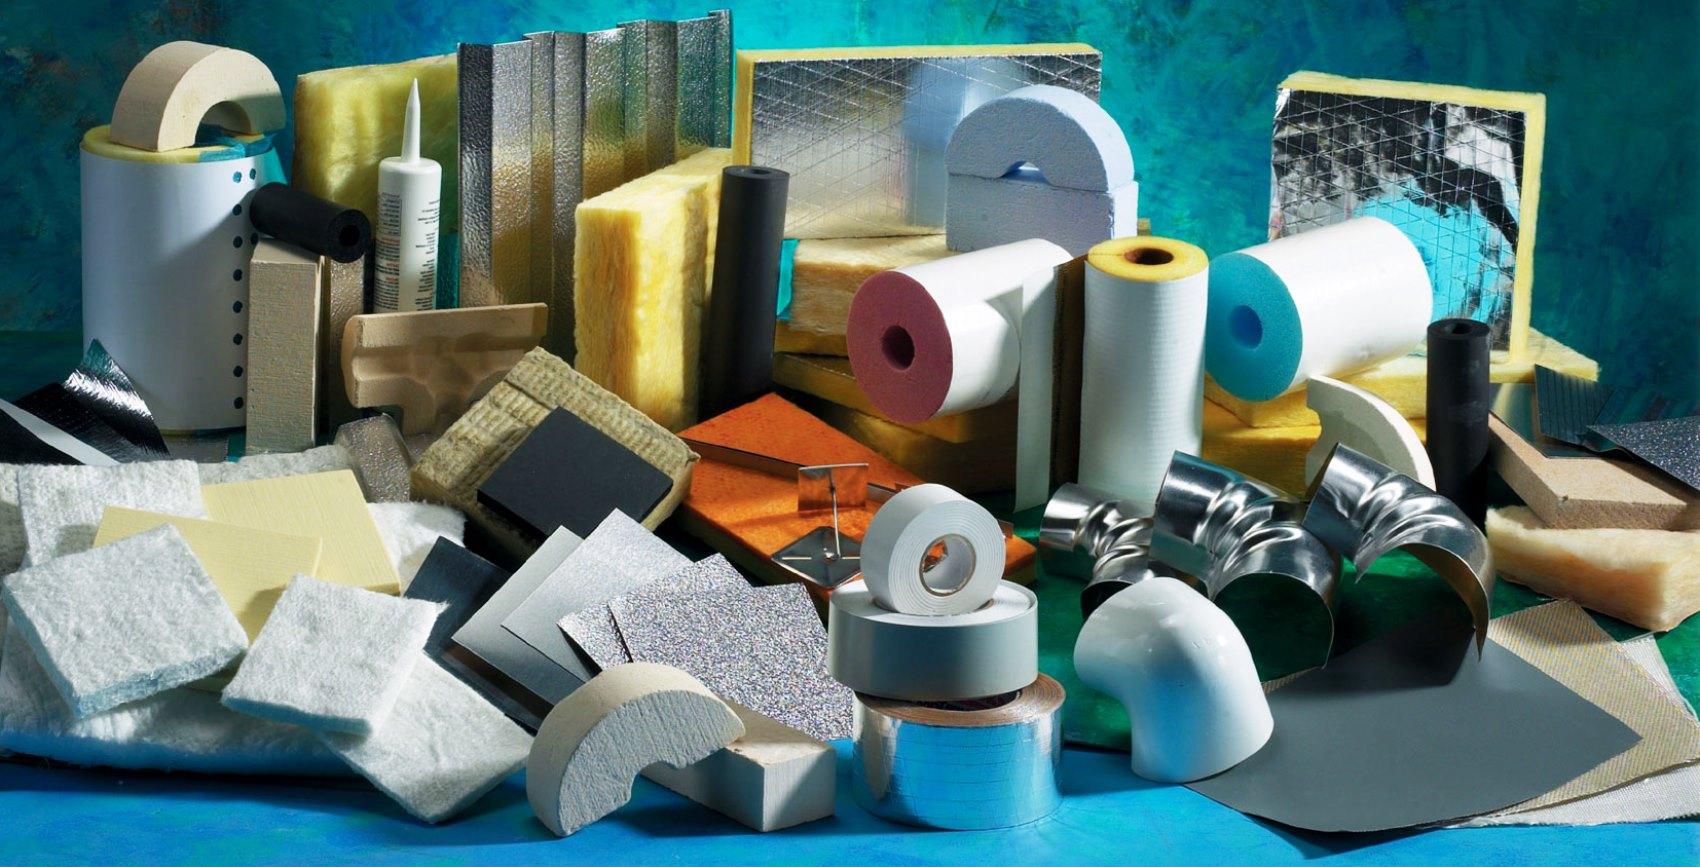 В этой статье поговорим на такую тему, как современные теплоизоляционные материалы, изучив сразу три наиболее интересные, инновационные и перспективные новинки рынка строительных материалов.